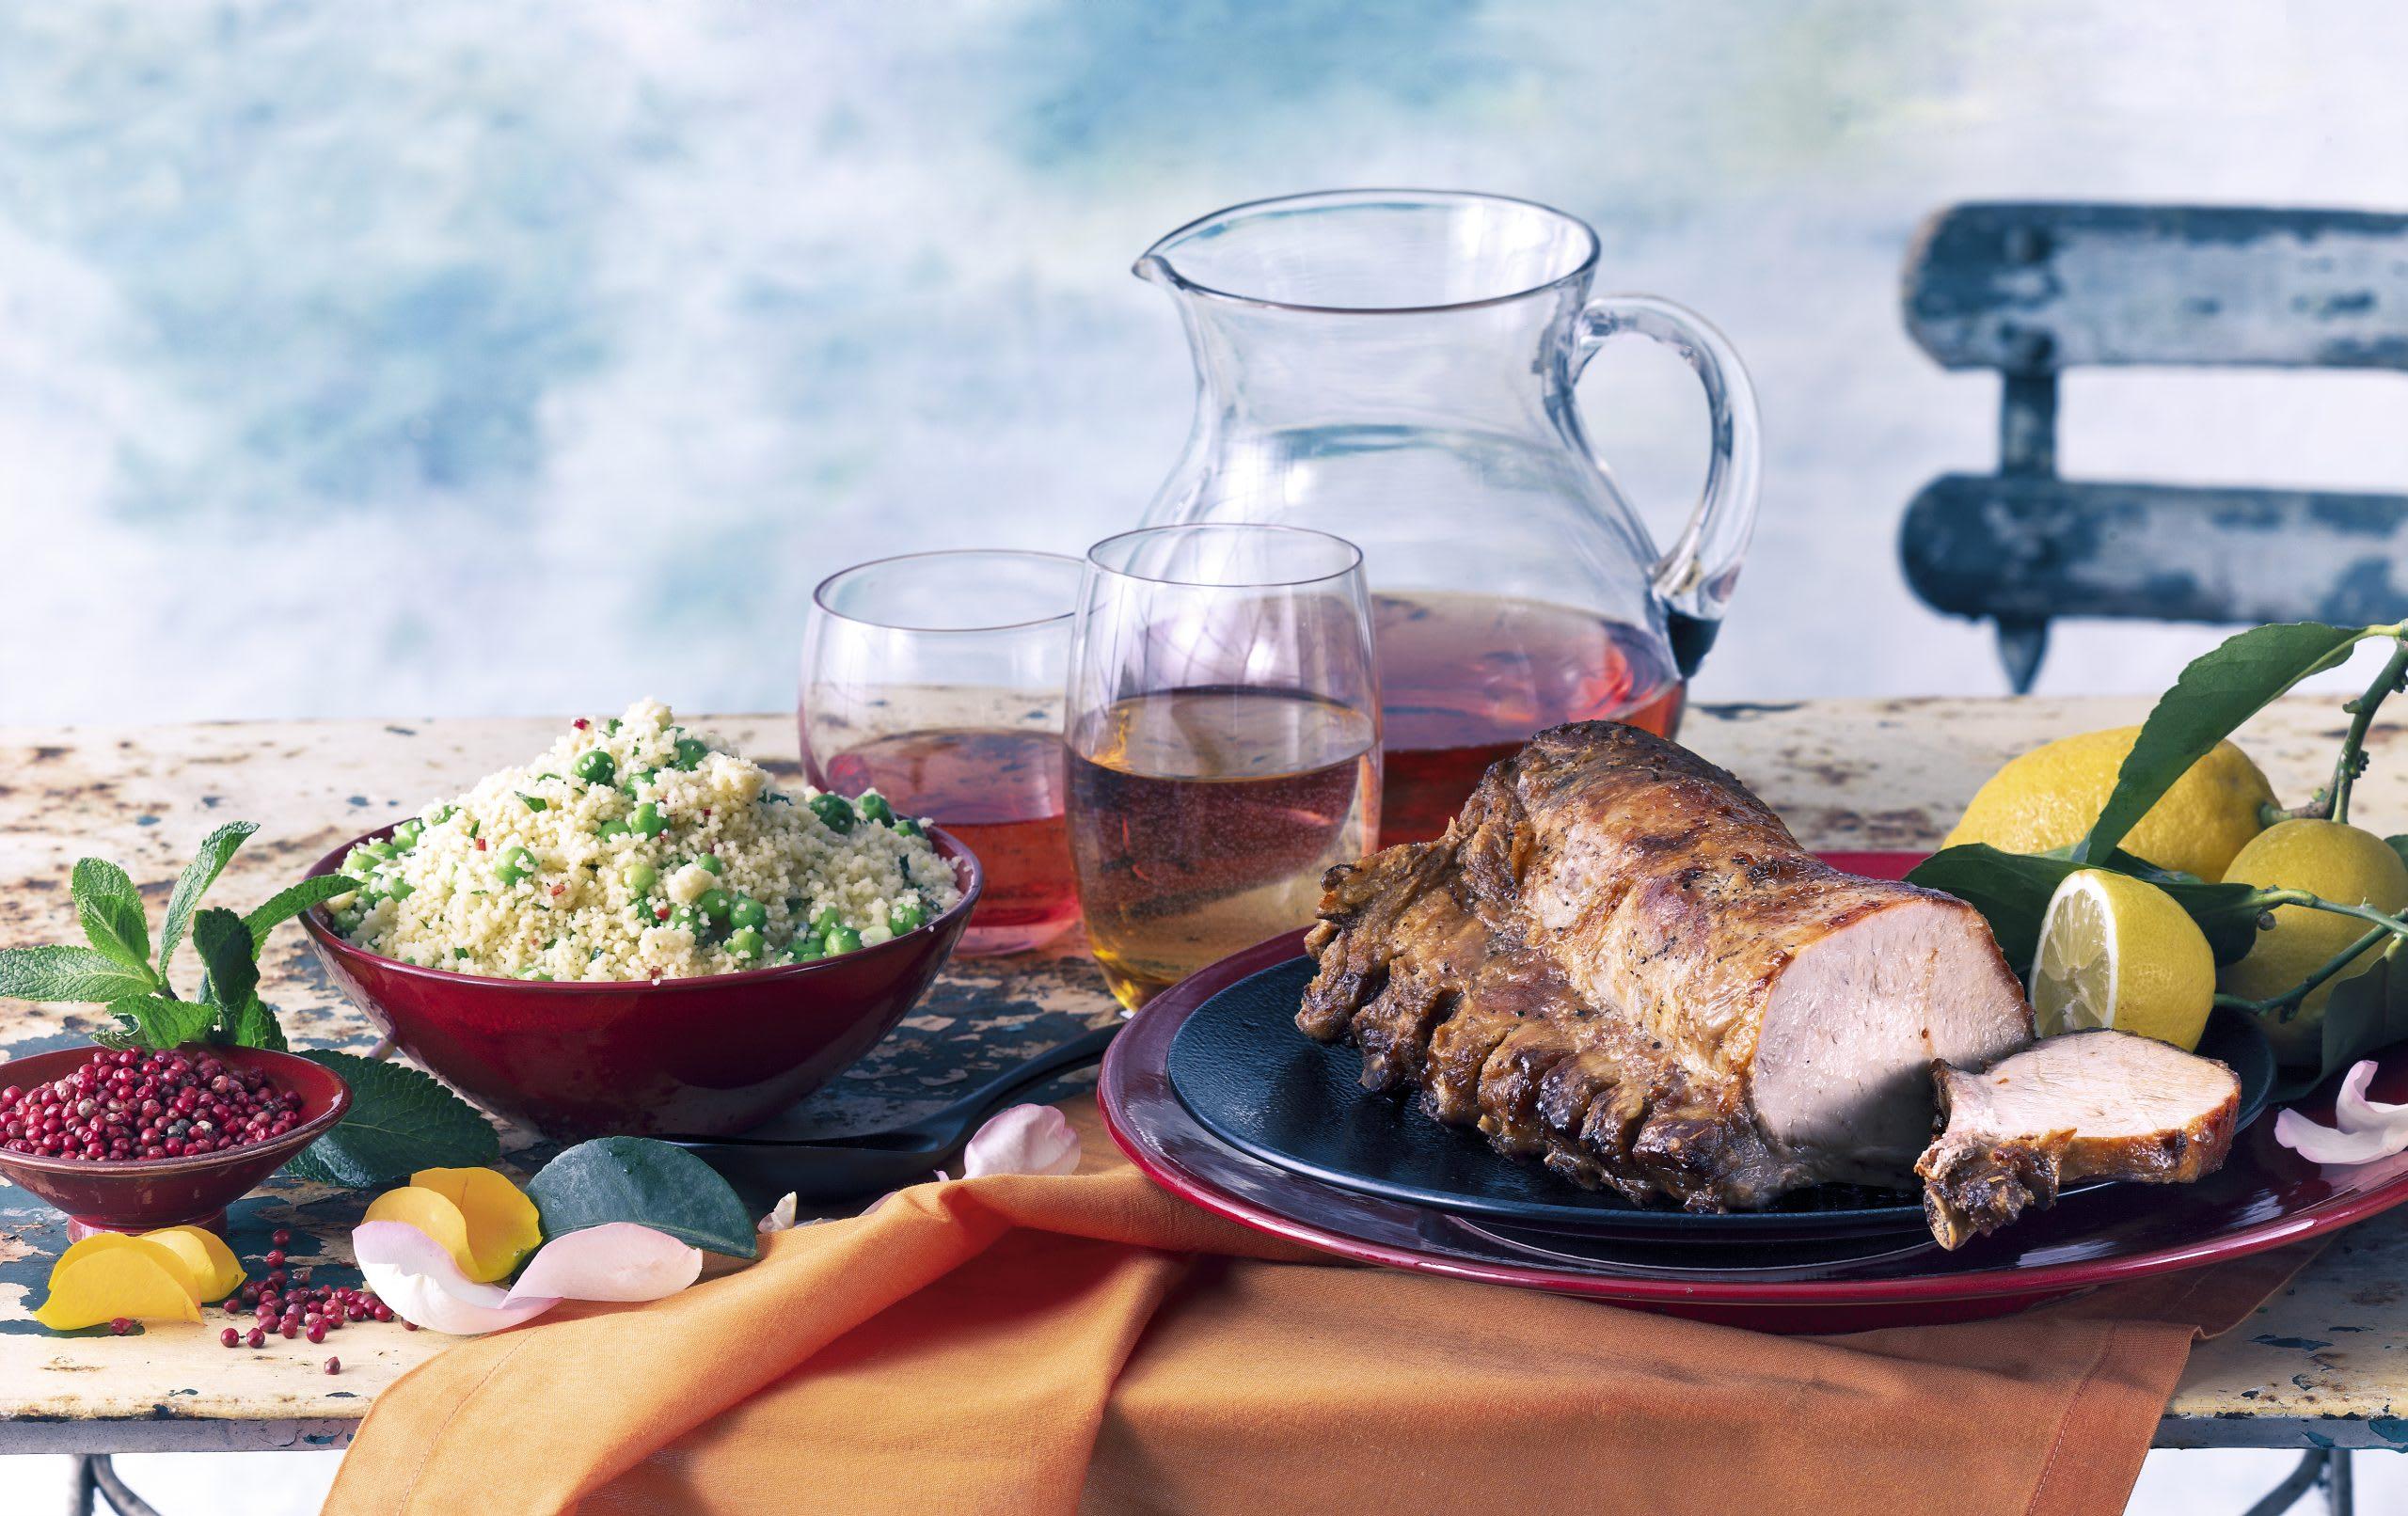 Schweinskotelett-Braten mit Erbsen-Couscous-Salat